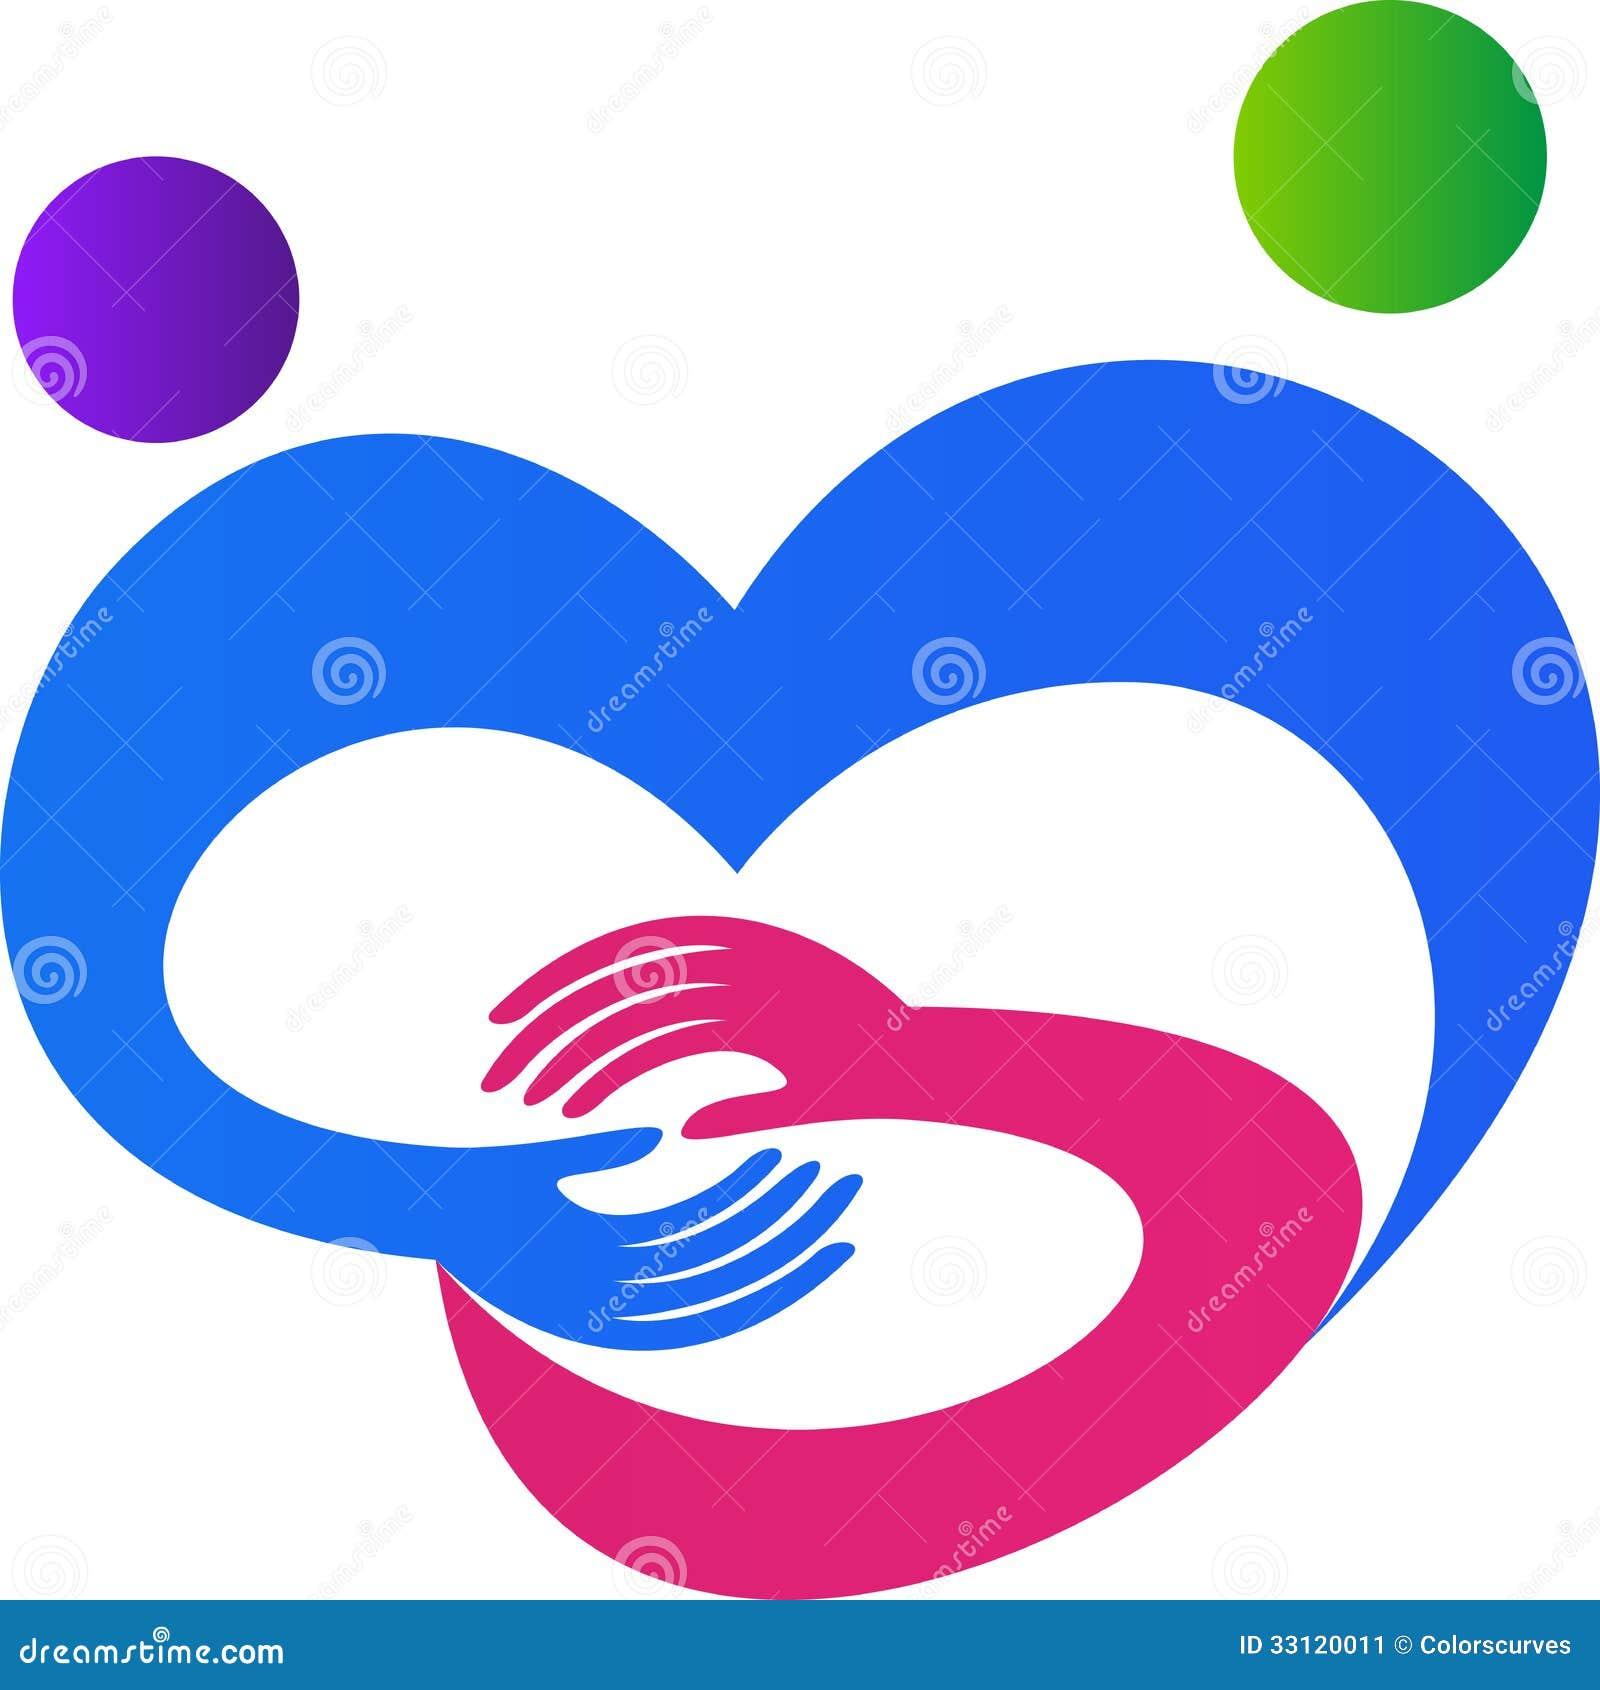 Charity Logo Stock Image Image 33120011